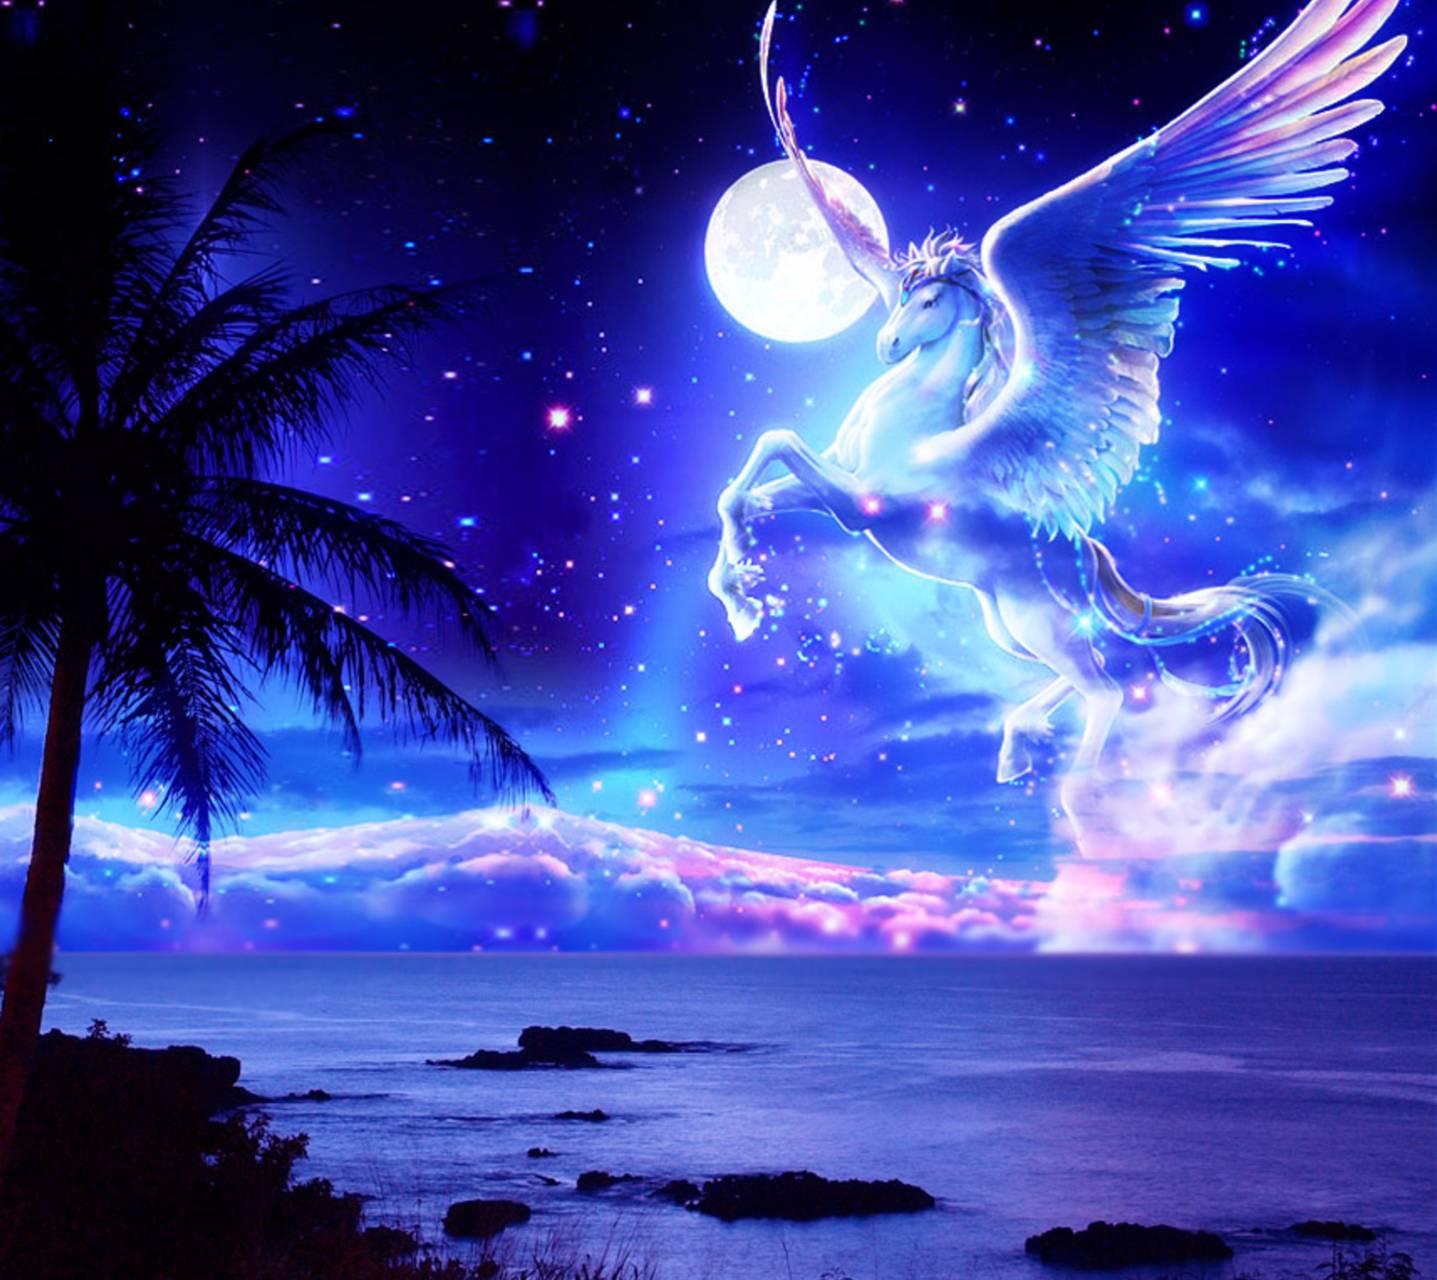 Fantasy Pegasus Wallpaper By ILovedUB4